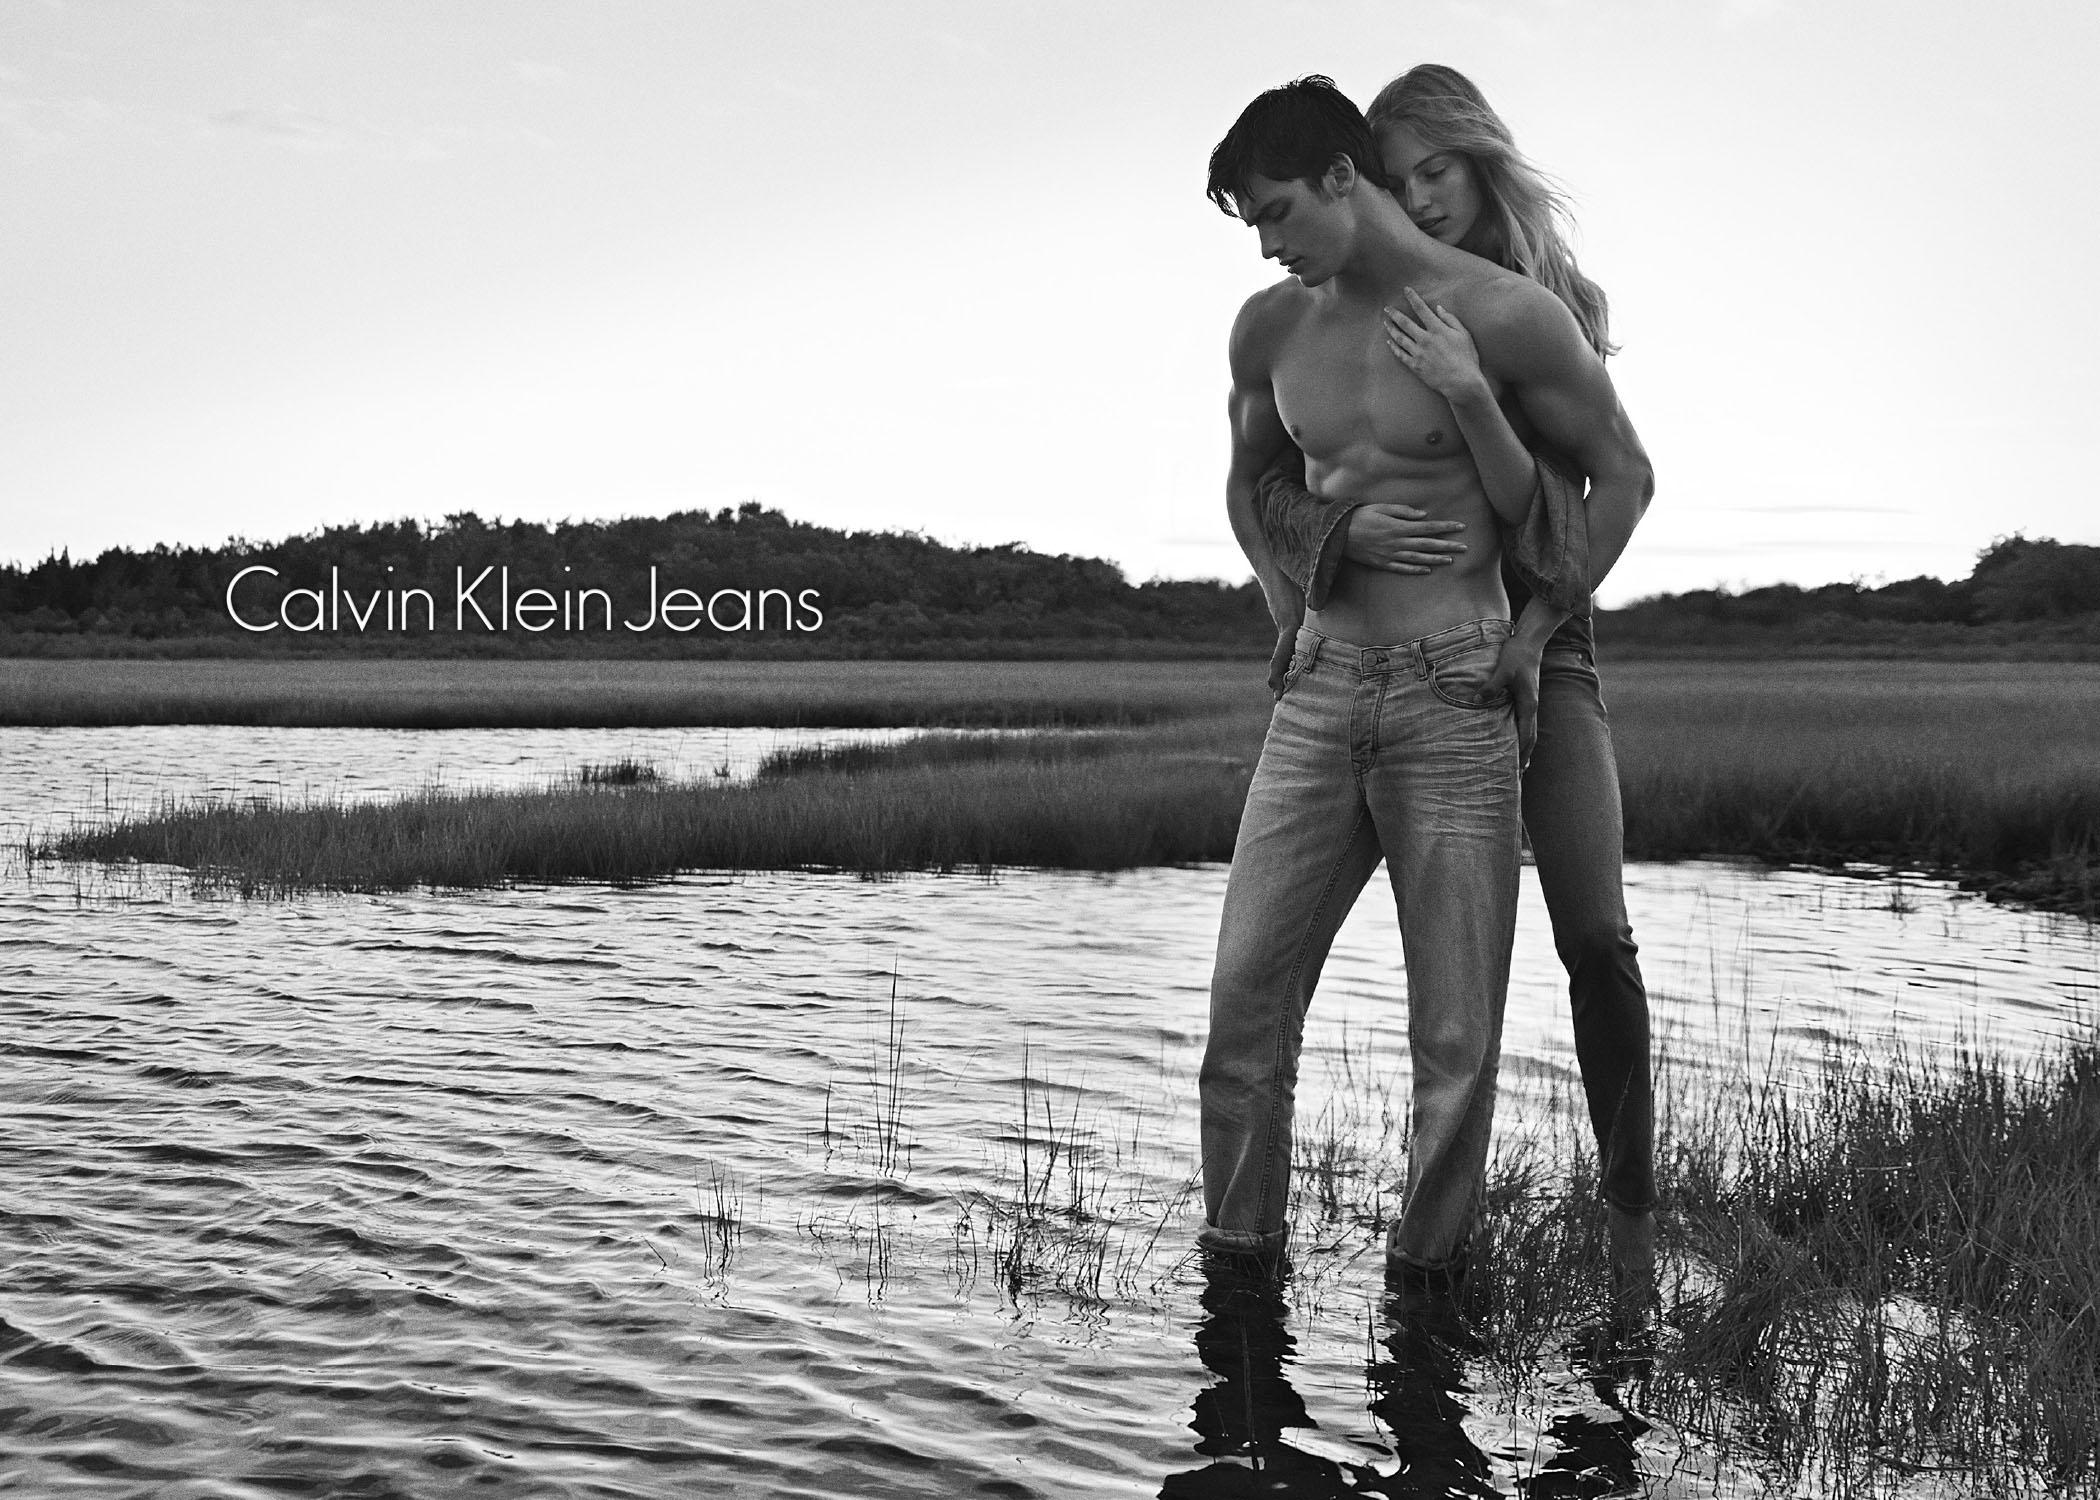 calvin-klein-jeans-s14-m+w_ph_sorrenti,mario_sp11